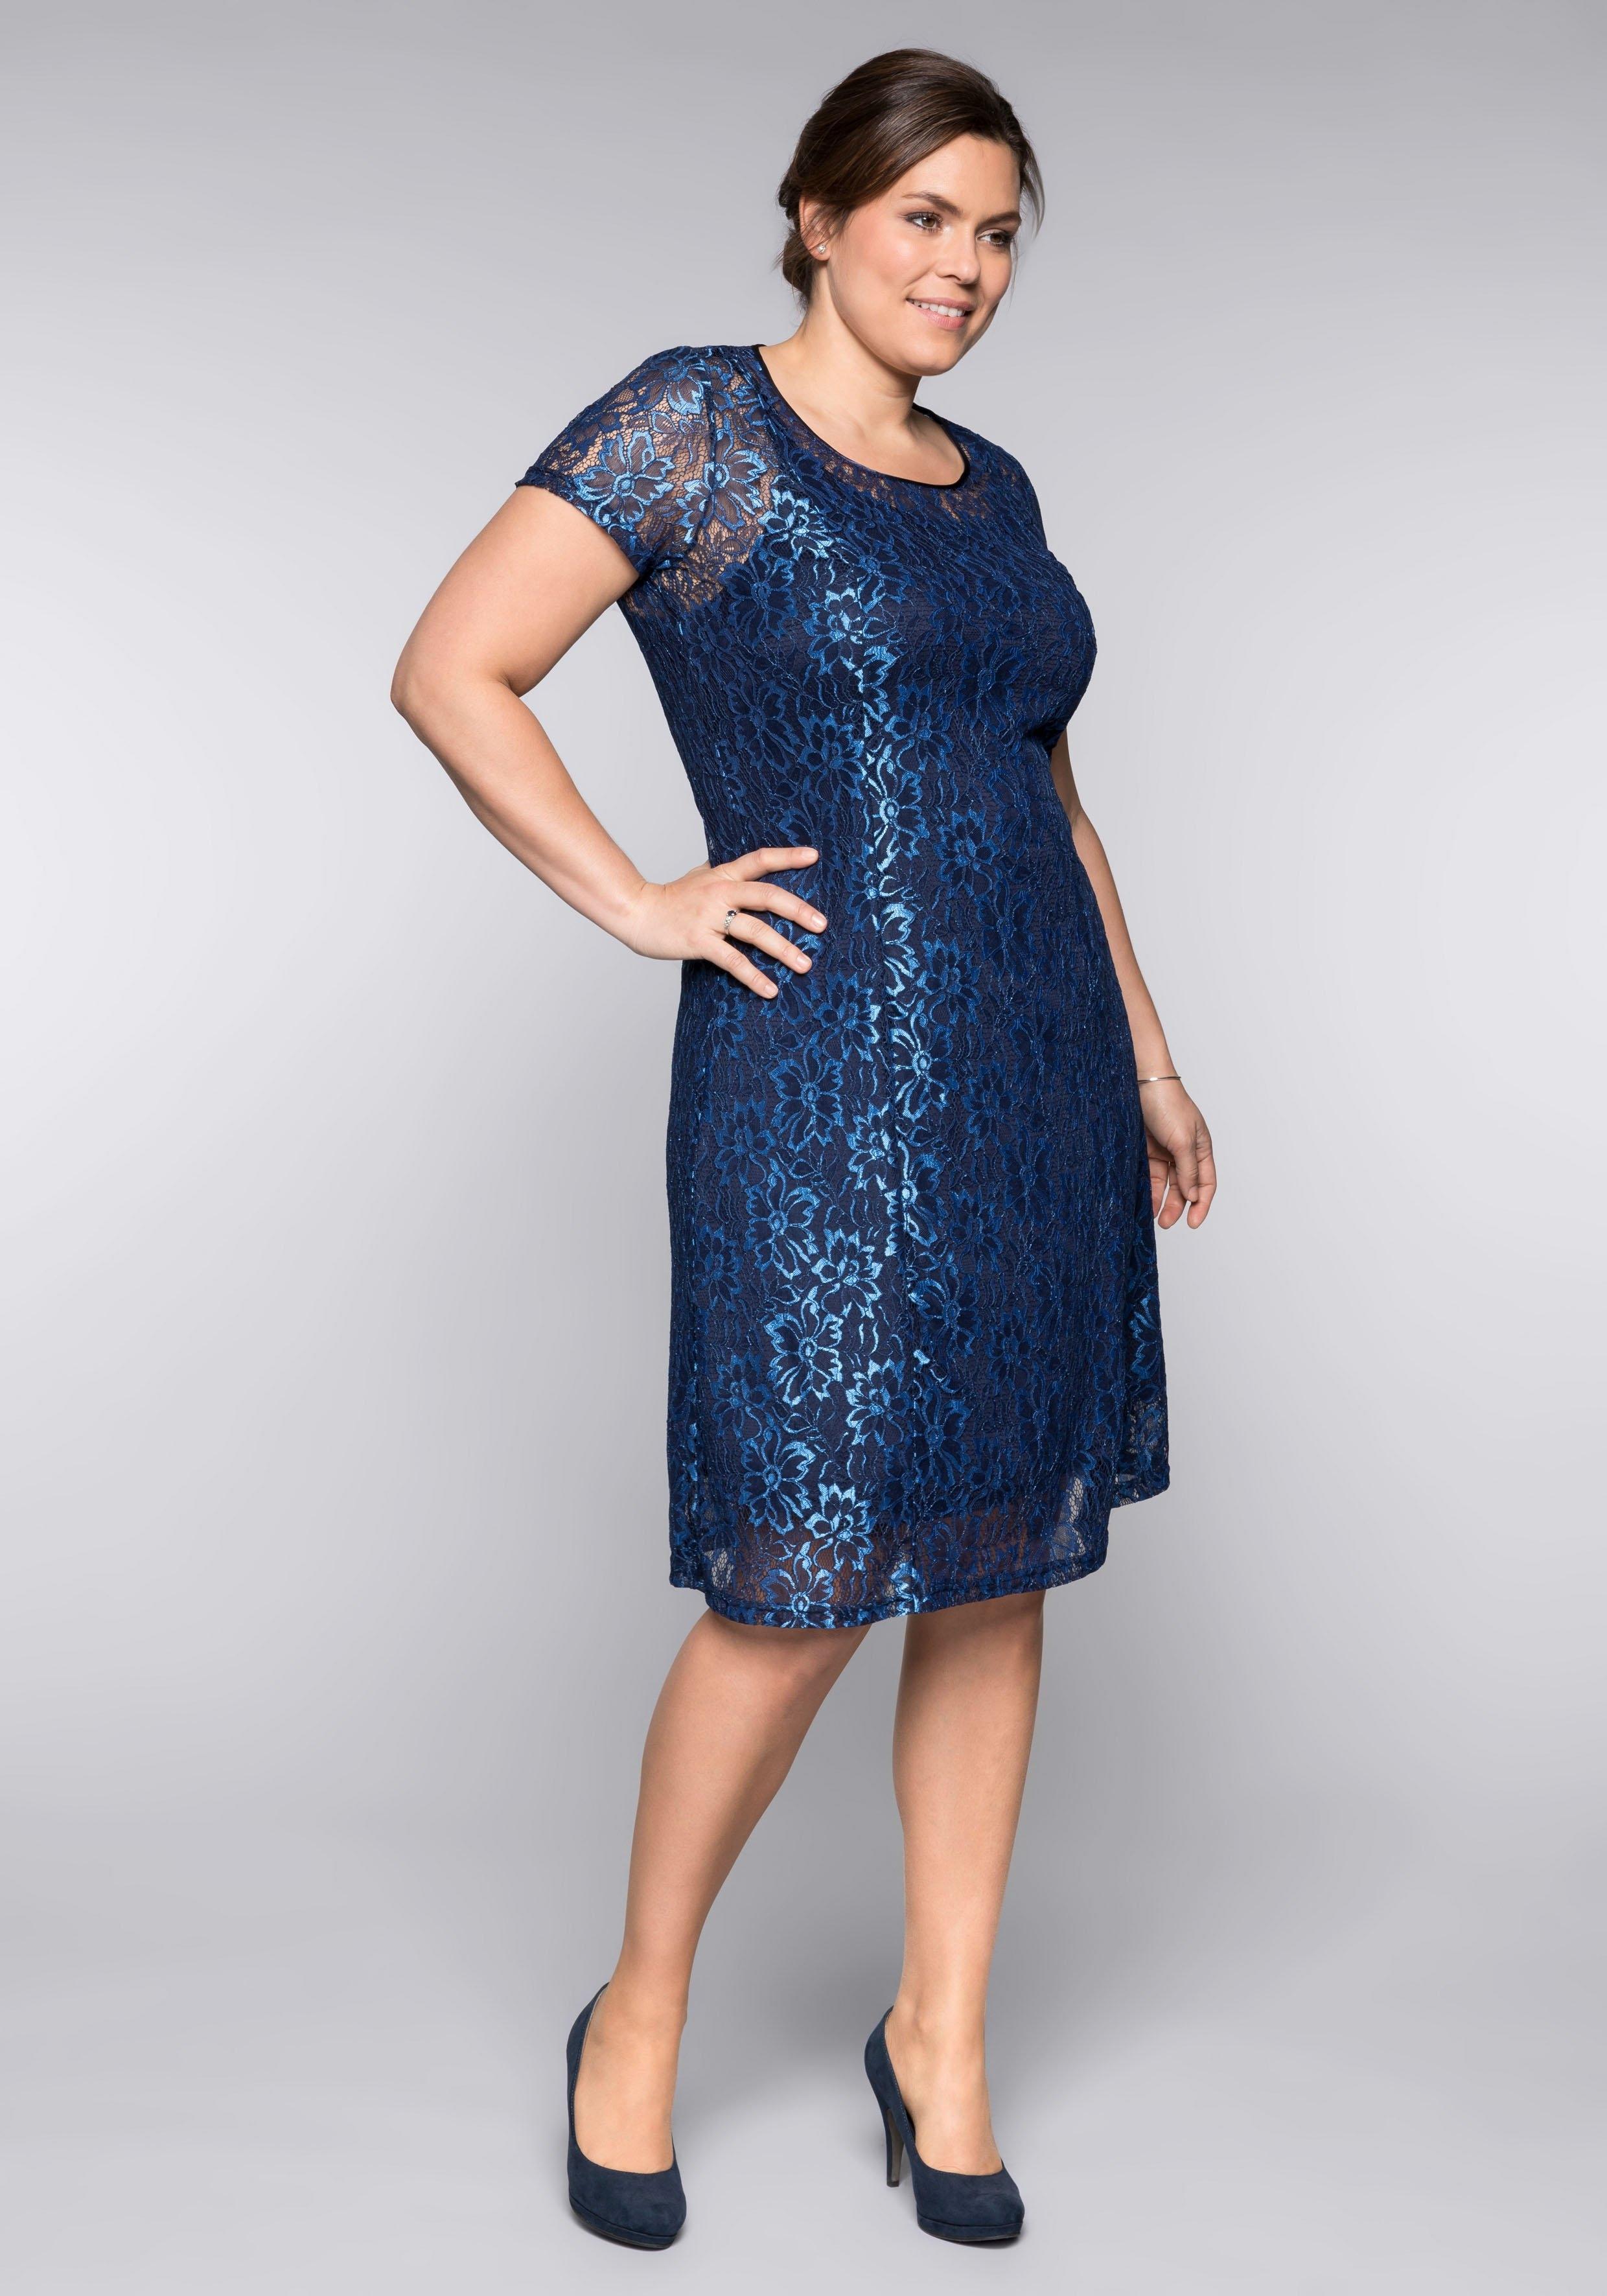 Sheego kanten jurk nu online bestellen